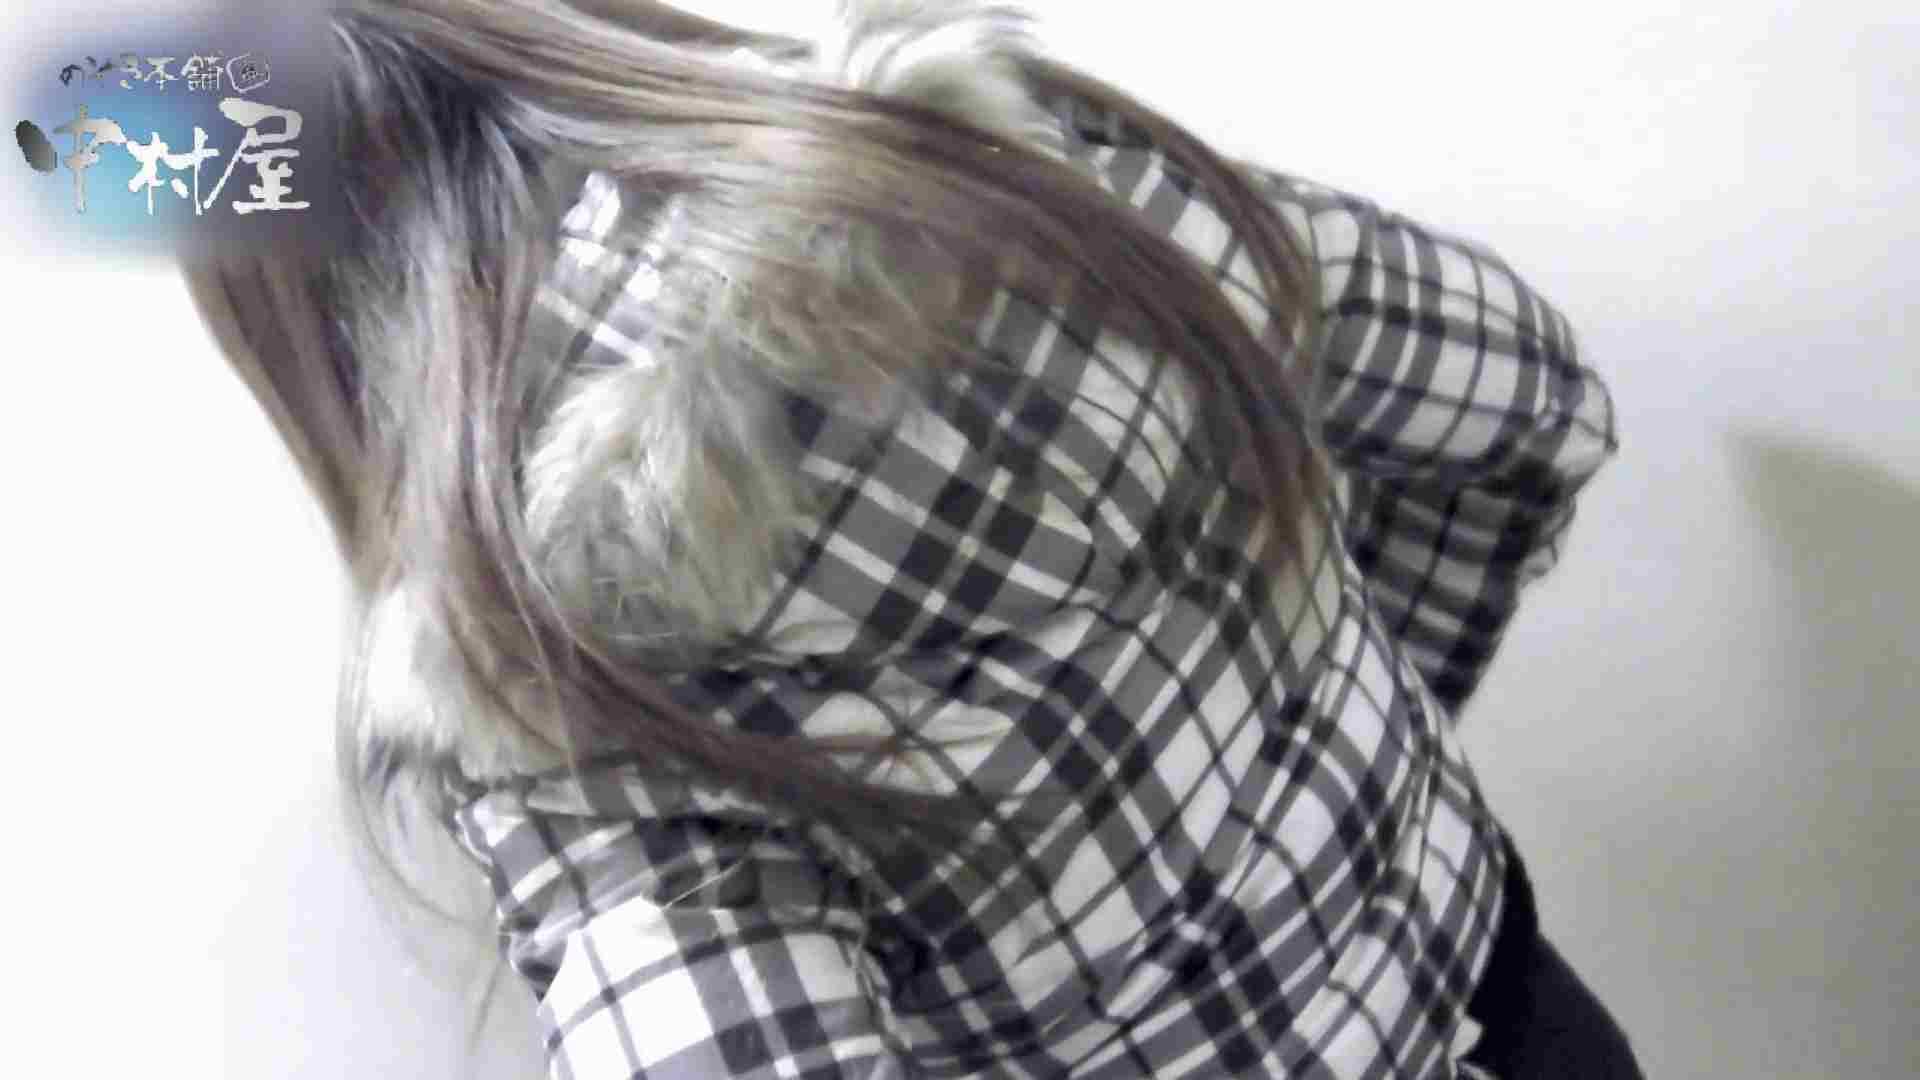 乙女集まる!ショッピングモール潜入撮vol.08 美しいOLの裸体 アダルト動画キャプチャ 87pic 86